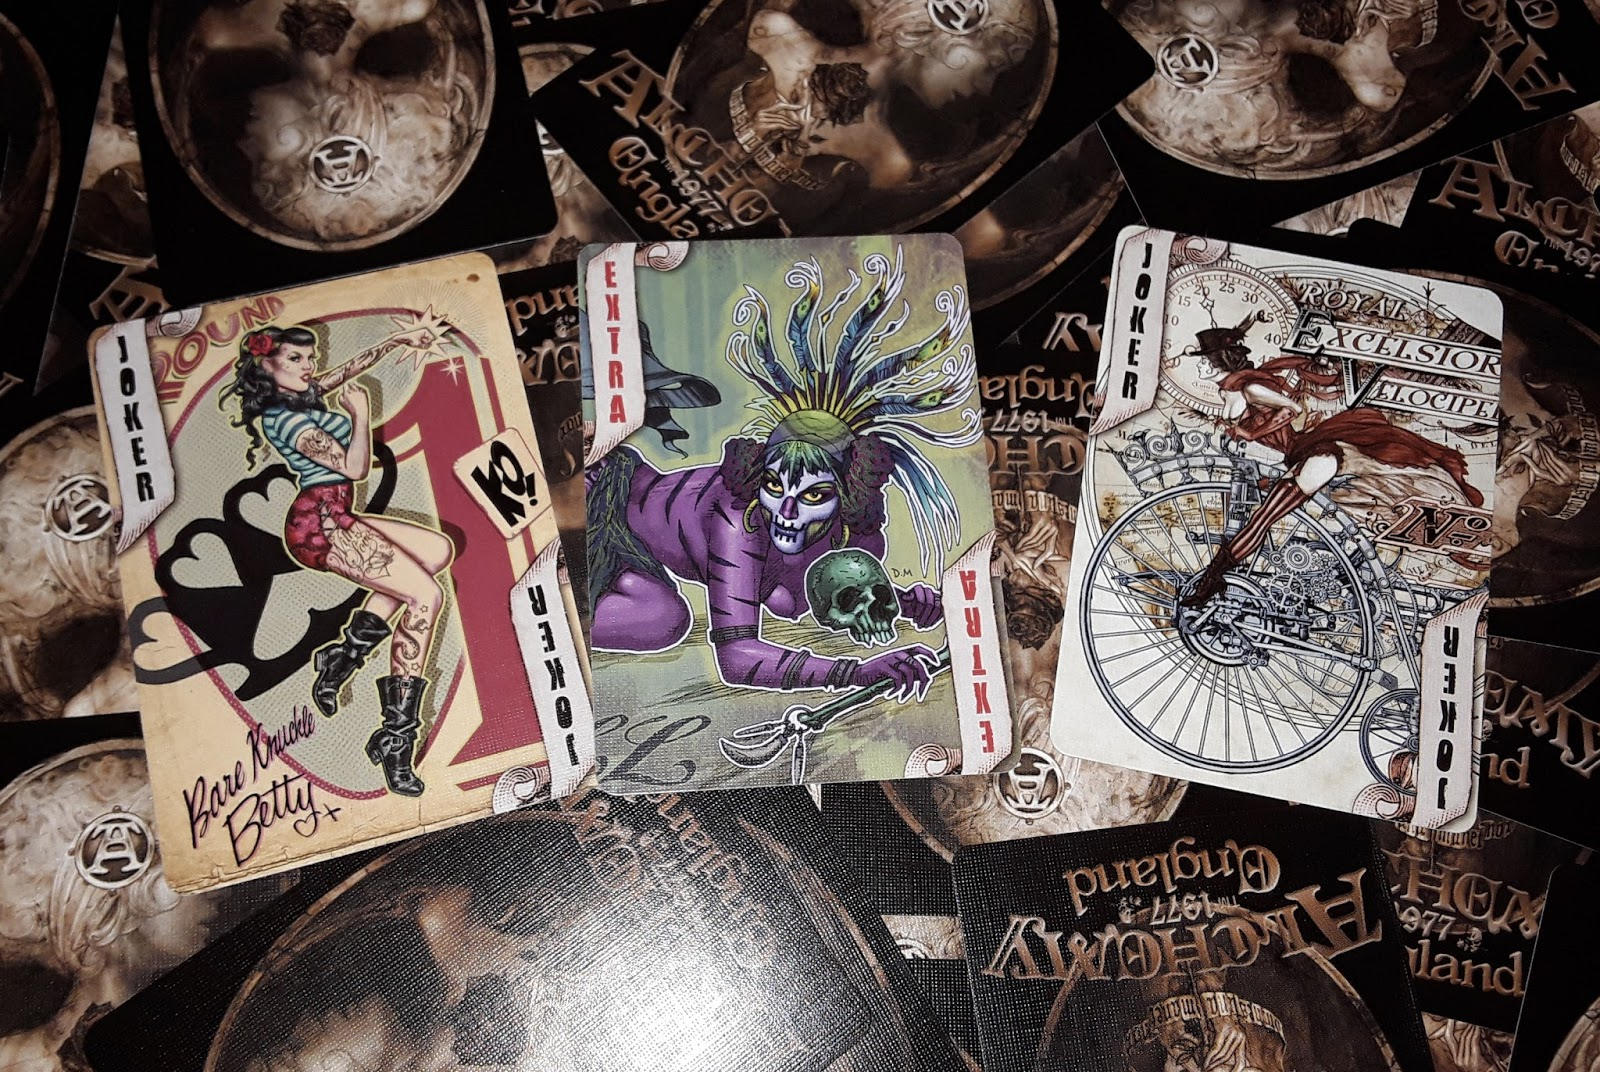 2 УРОК: Структура игральной колоды, сравнение игральных карт с картами Таро и Оракулом Ленорман